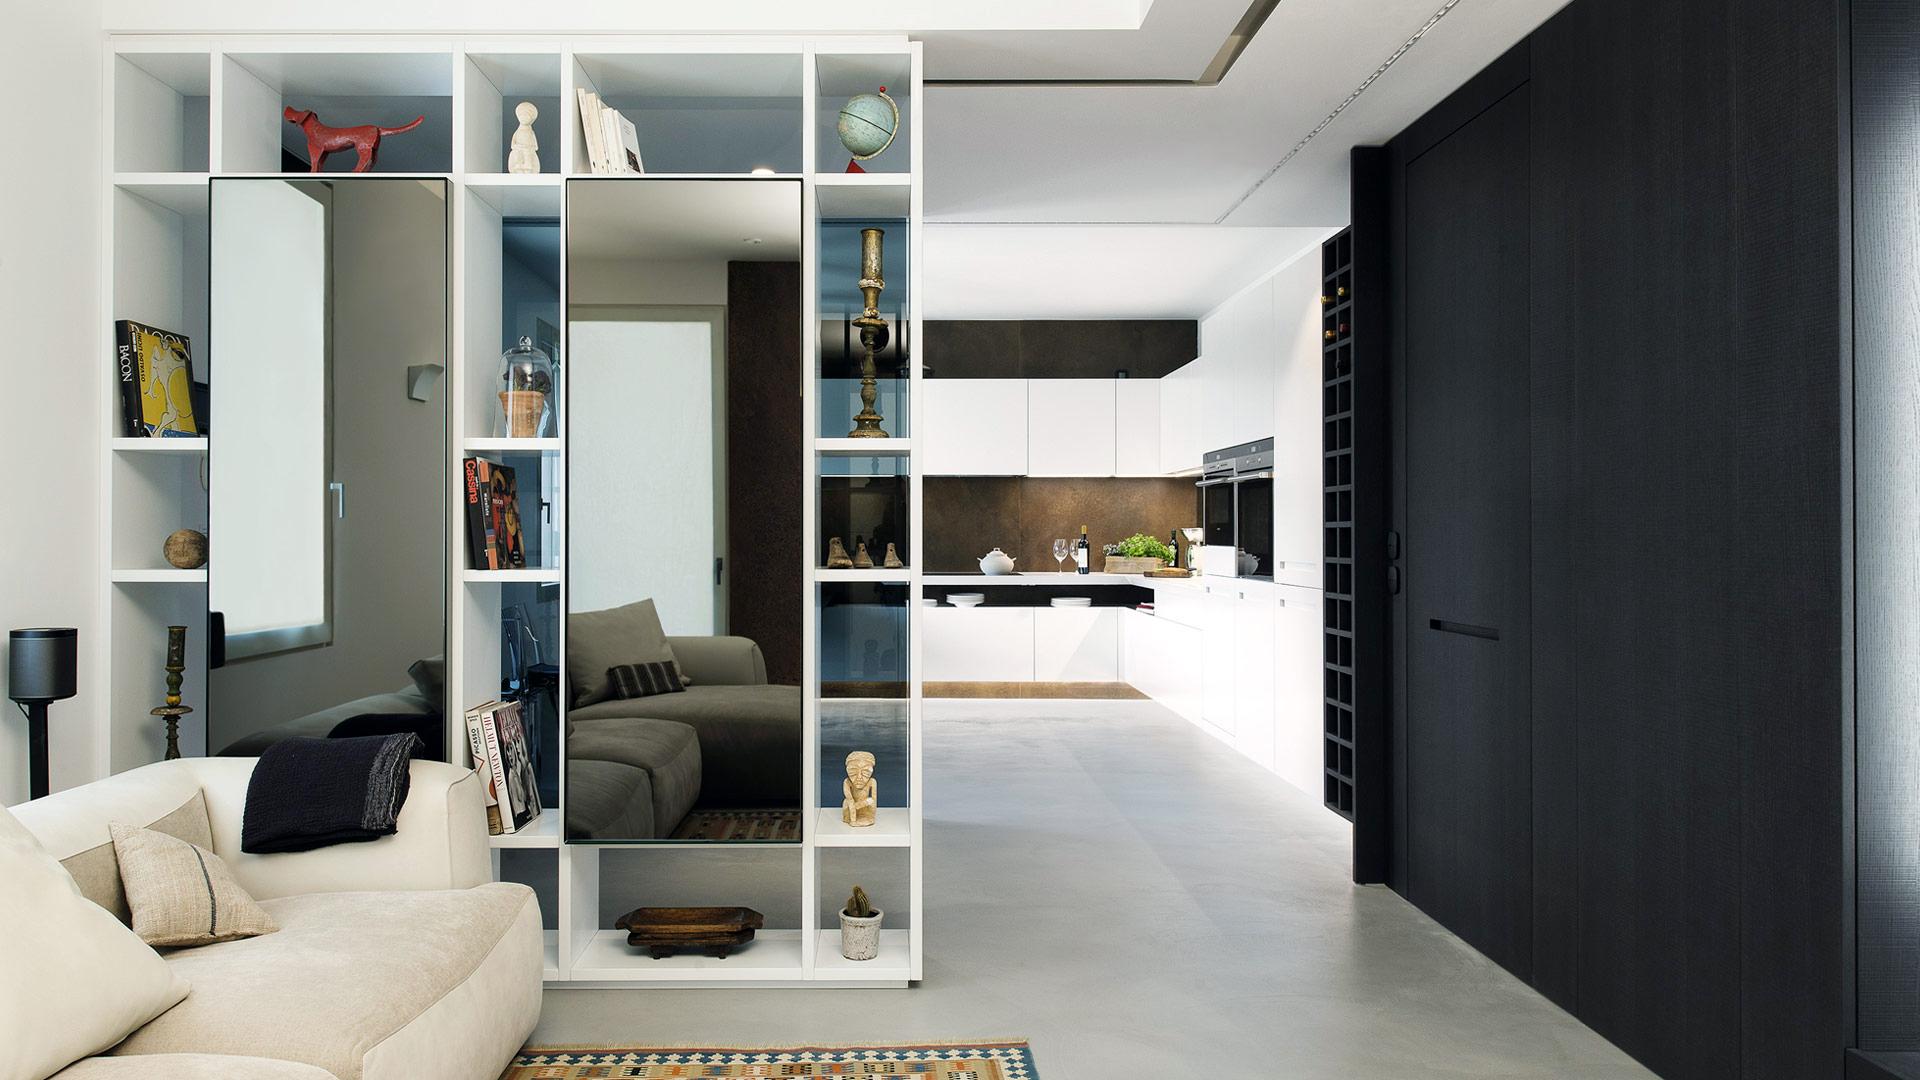 Soluzioni D Arredamento Cesena mobili, mobili su misura, mobili componibili, vendita e